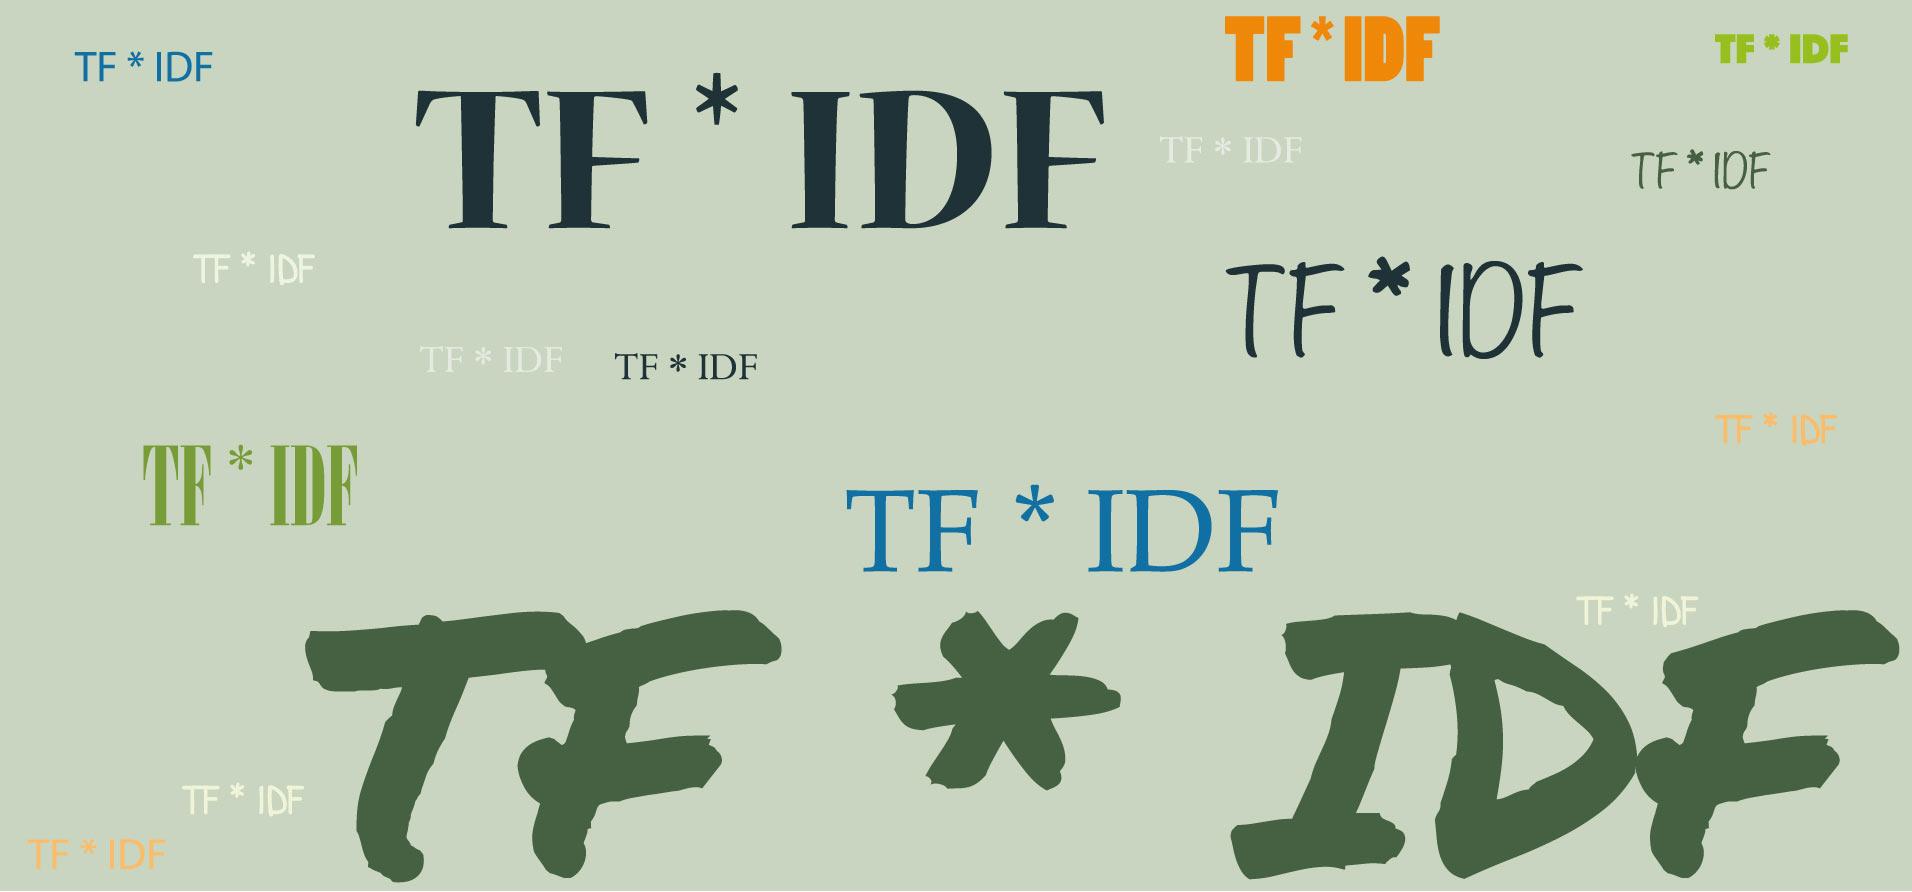 que-es-tf-idf